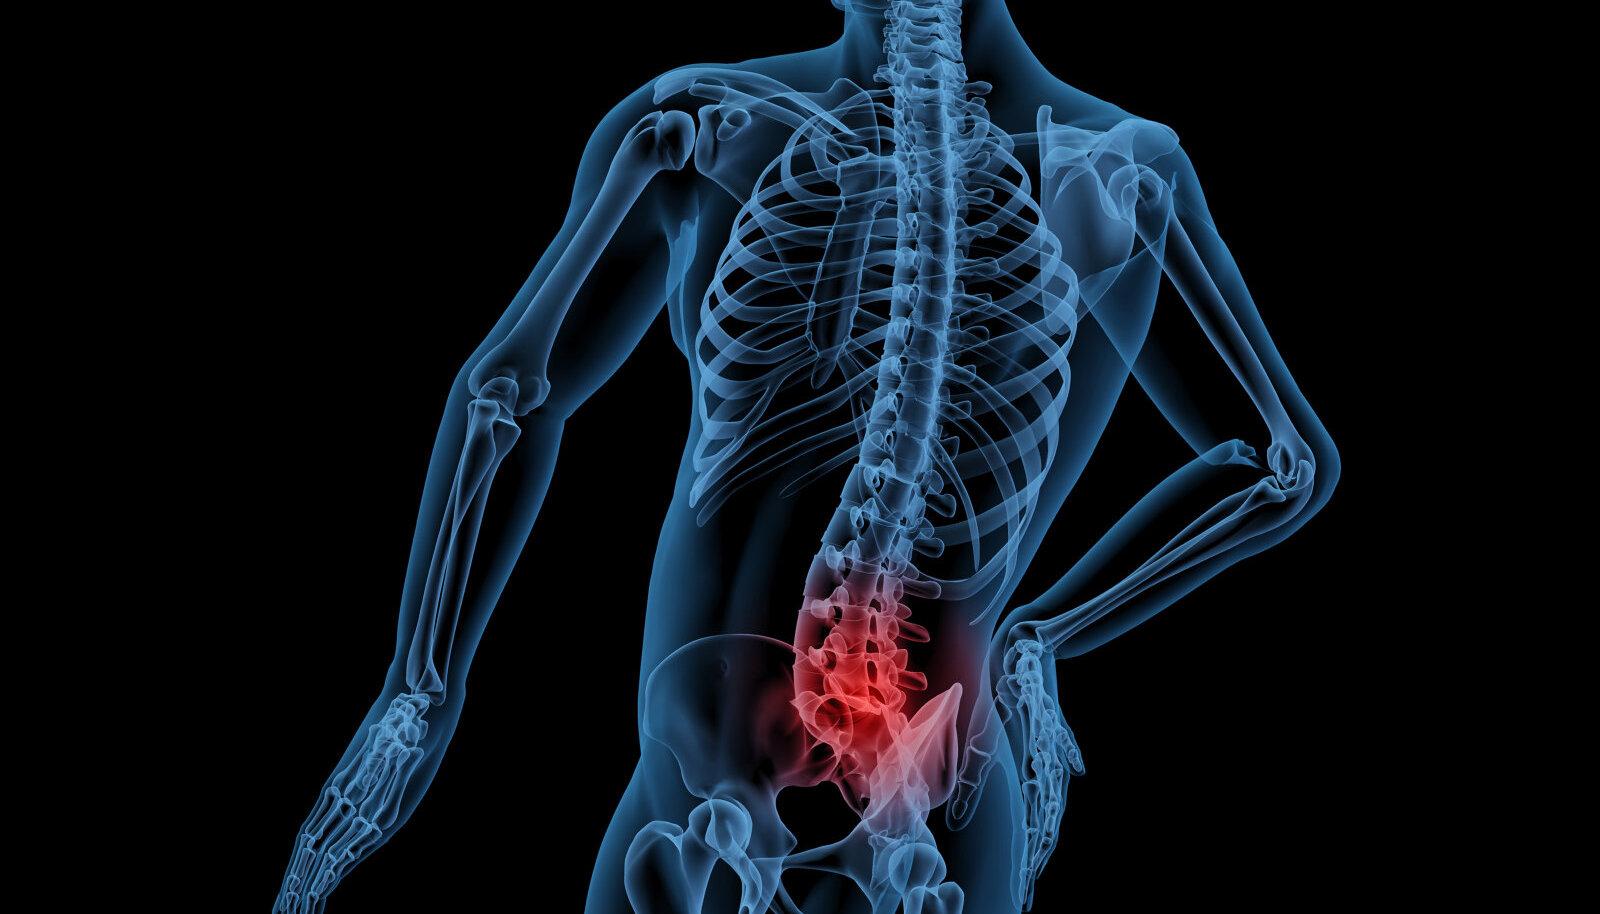 Arroza artroloogi ravi Kuidas aidata artriidi kate